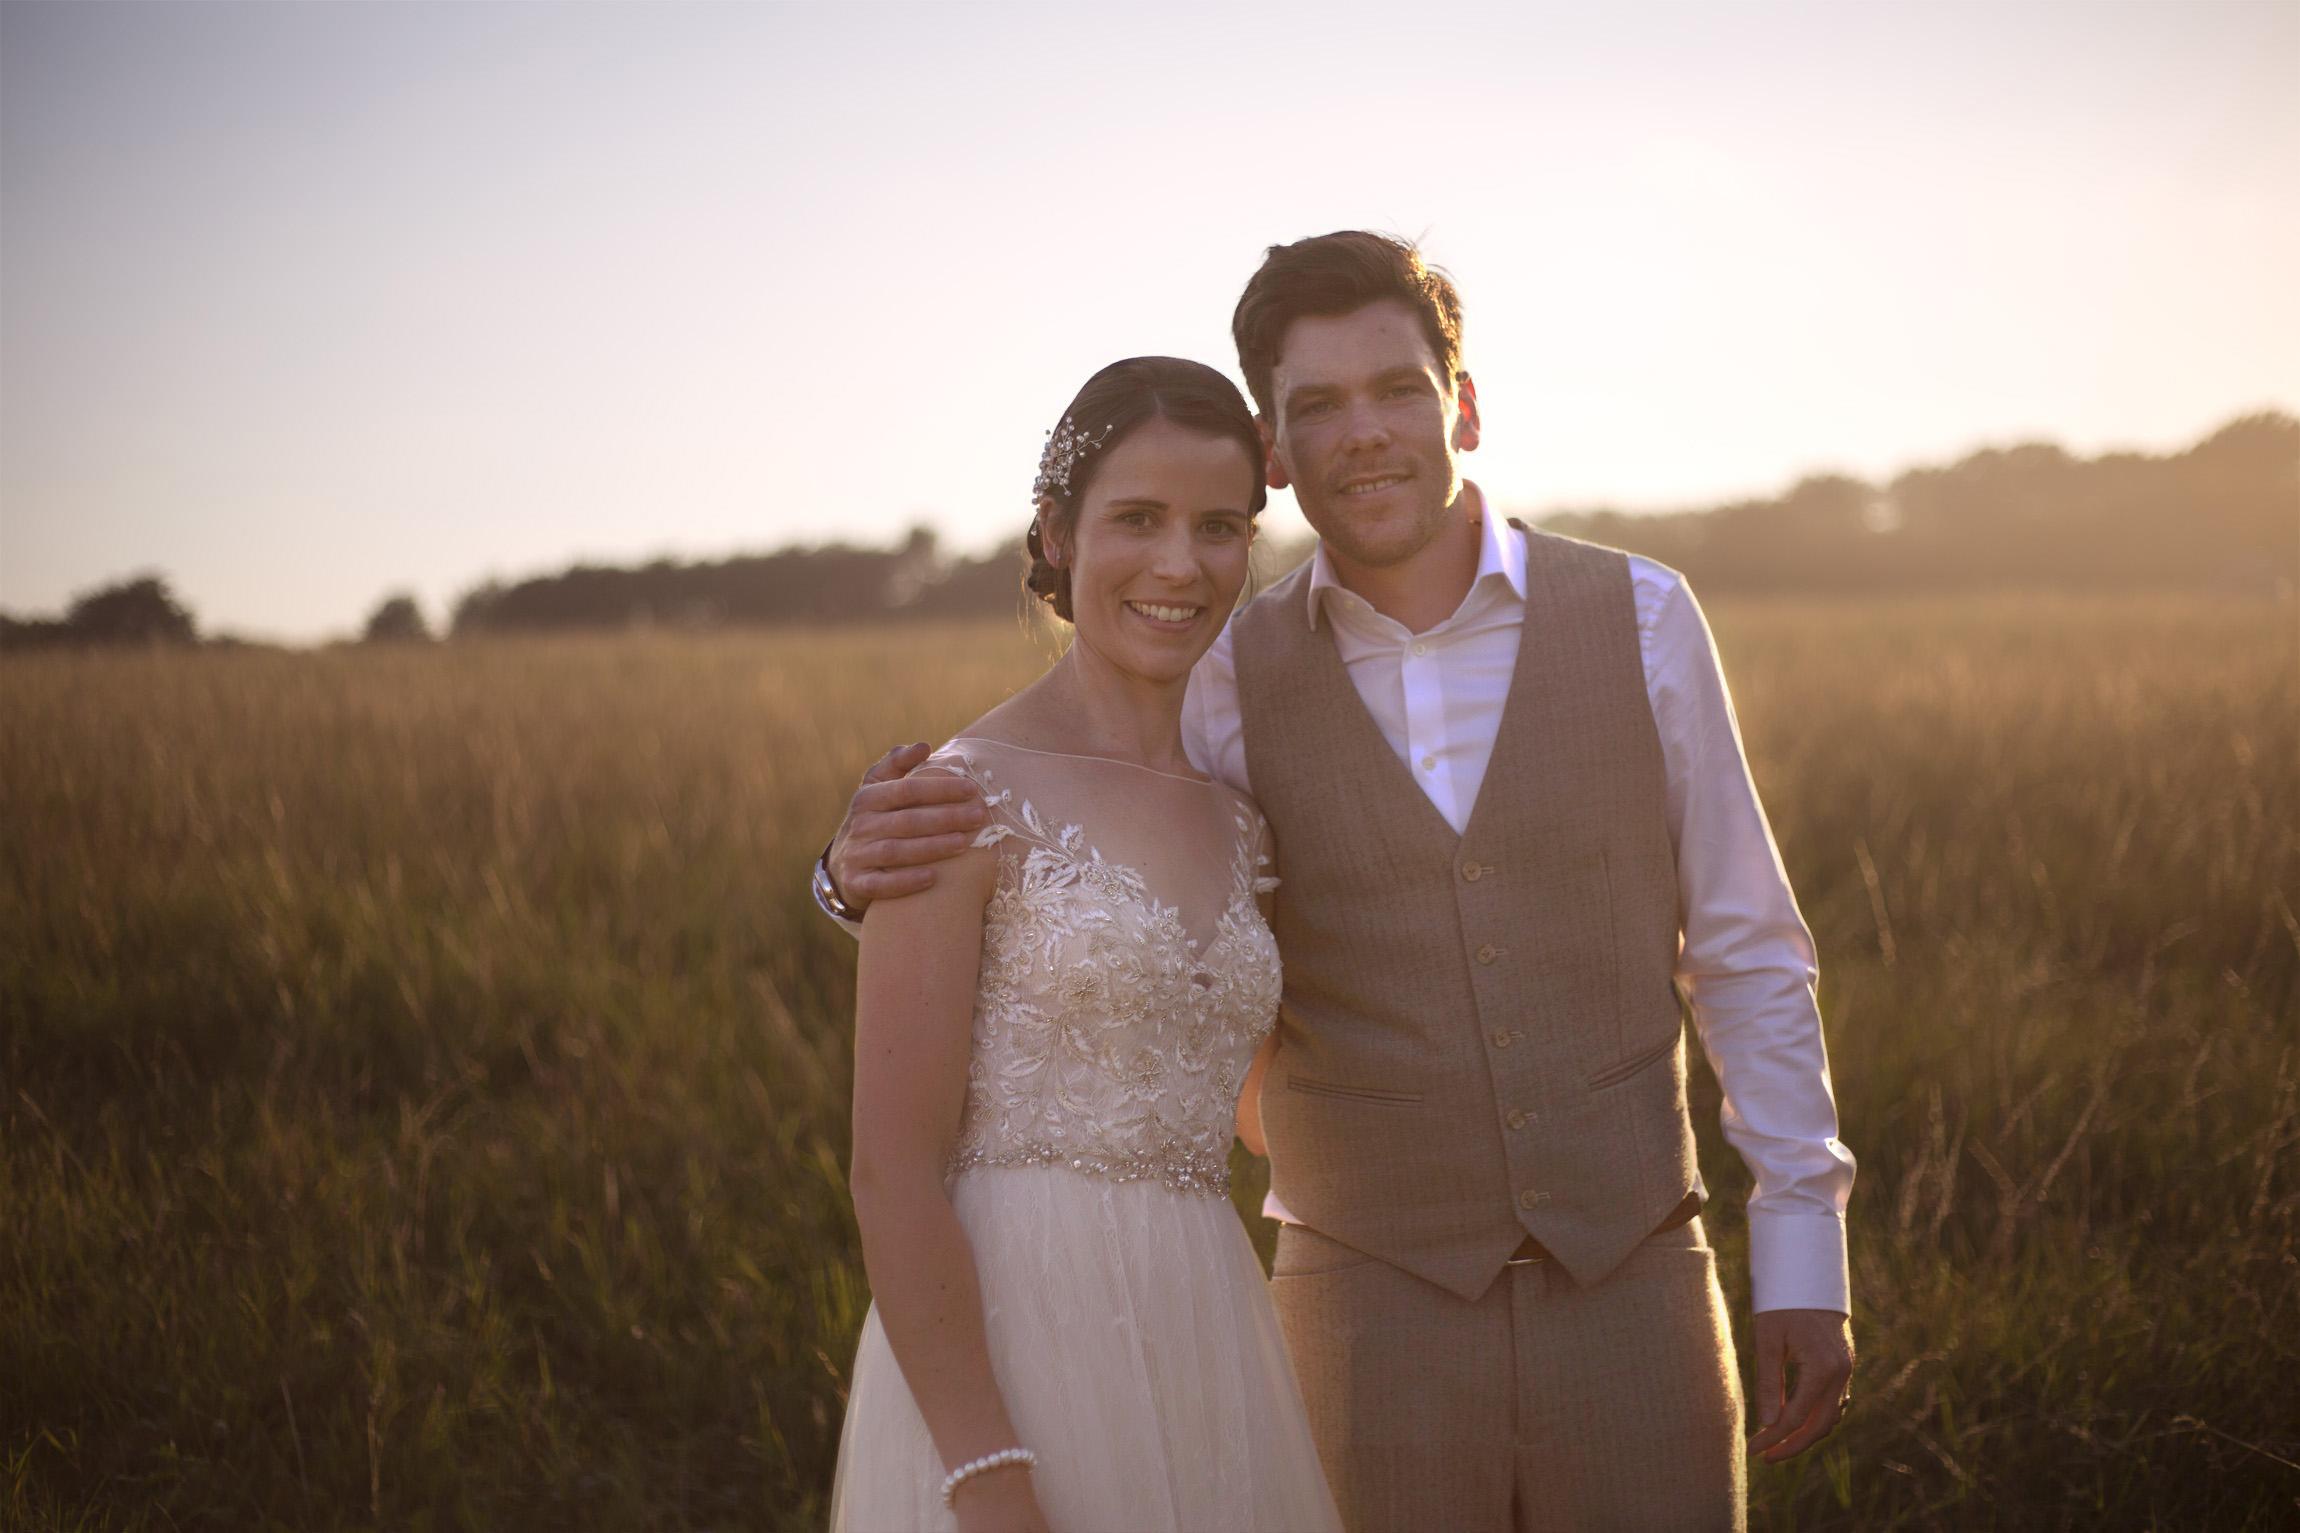 Newlyweds smiling sunset golden hour field Cripps barn outdoor wedding photographer